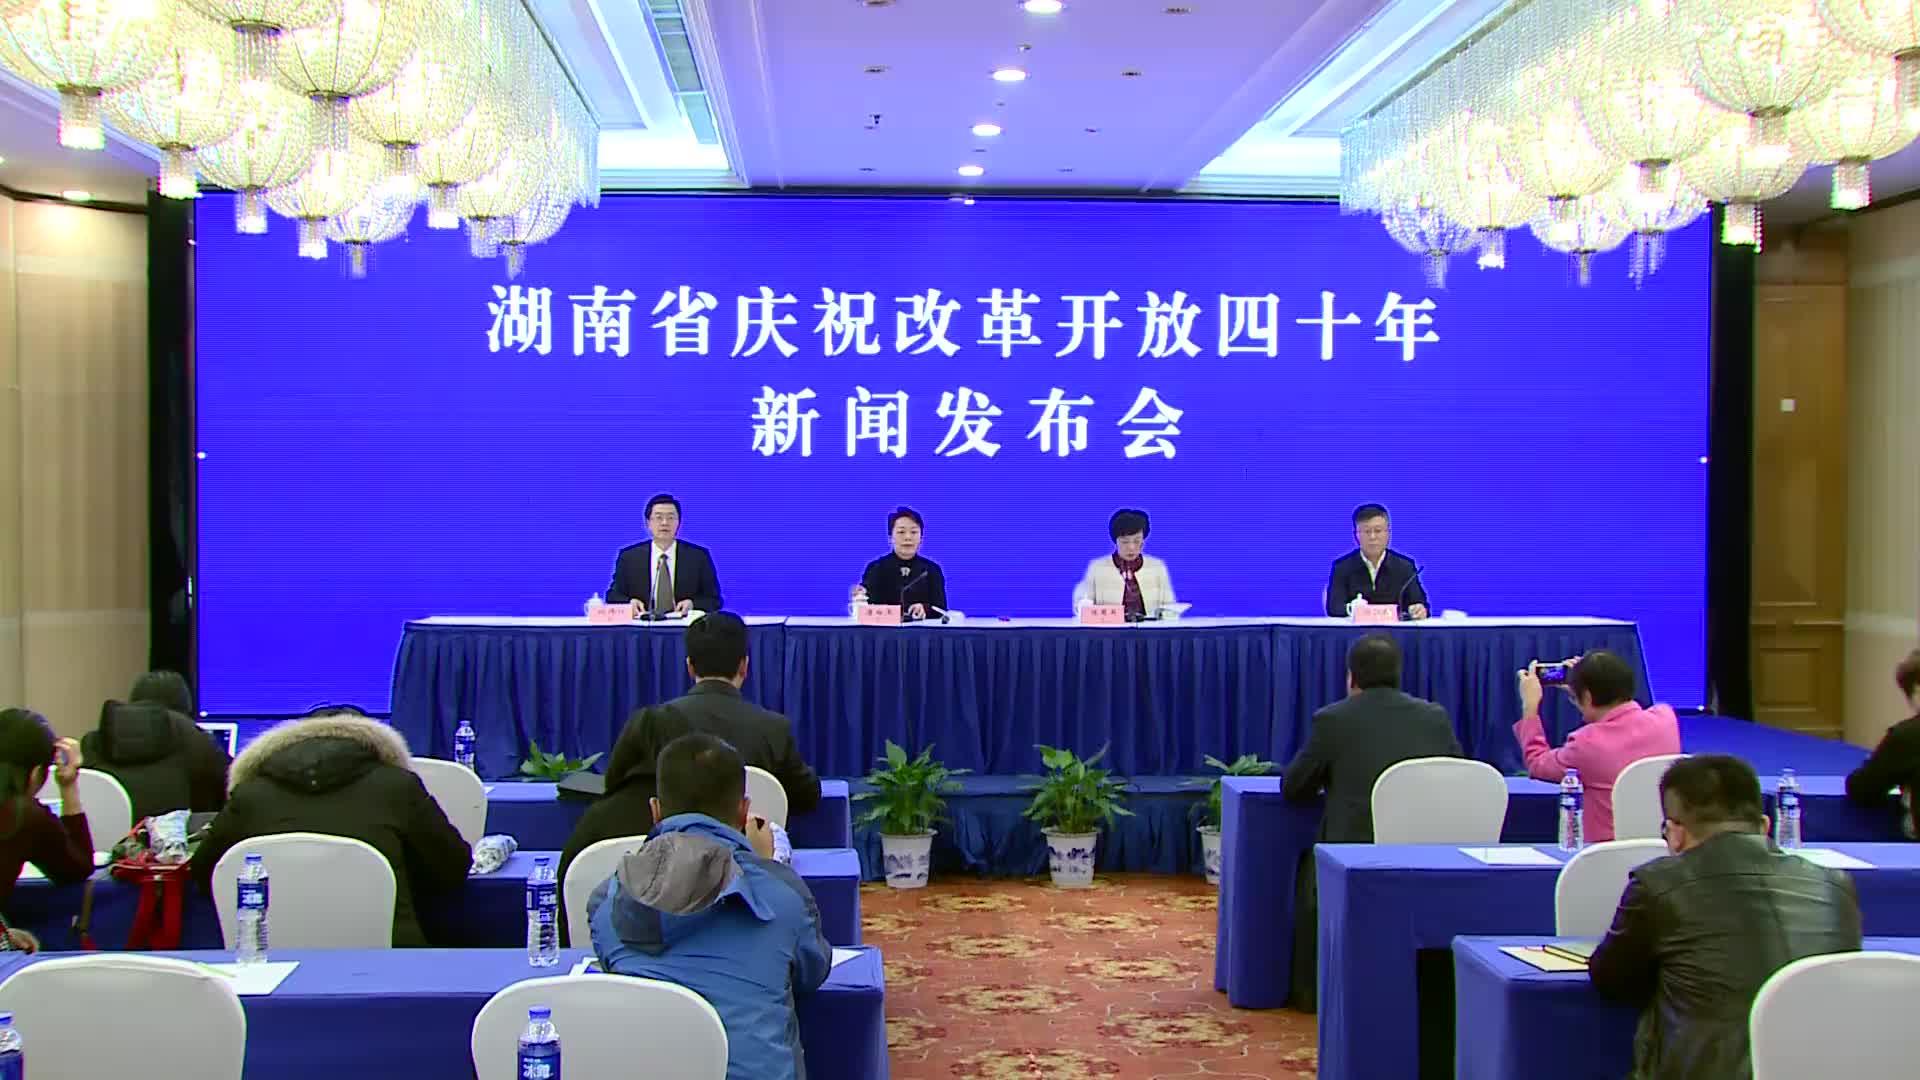 【全程回放】湖南省庆祝改革开放四十年系列新闻发布会:全省民政改革发展成就